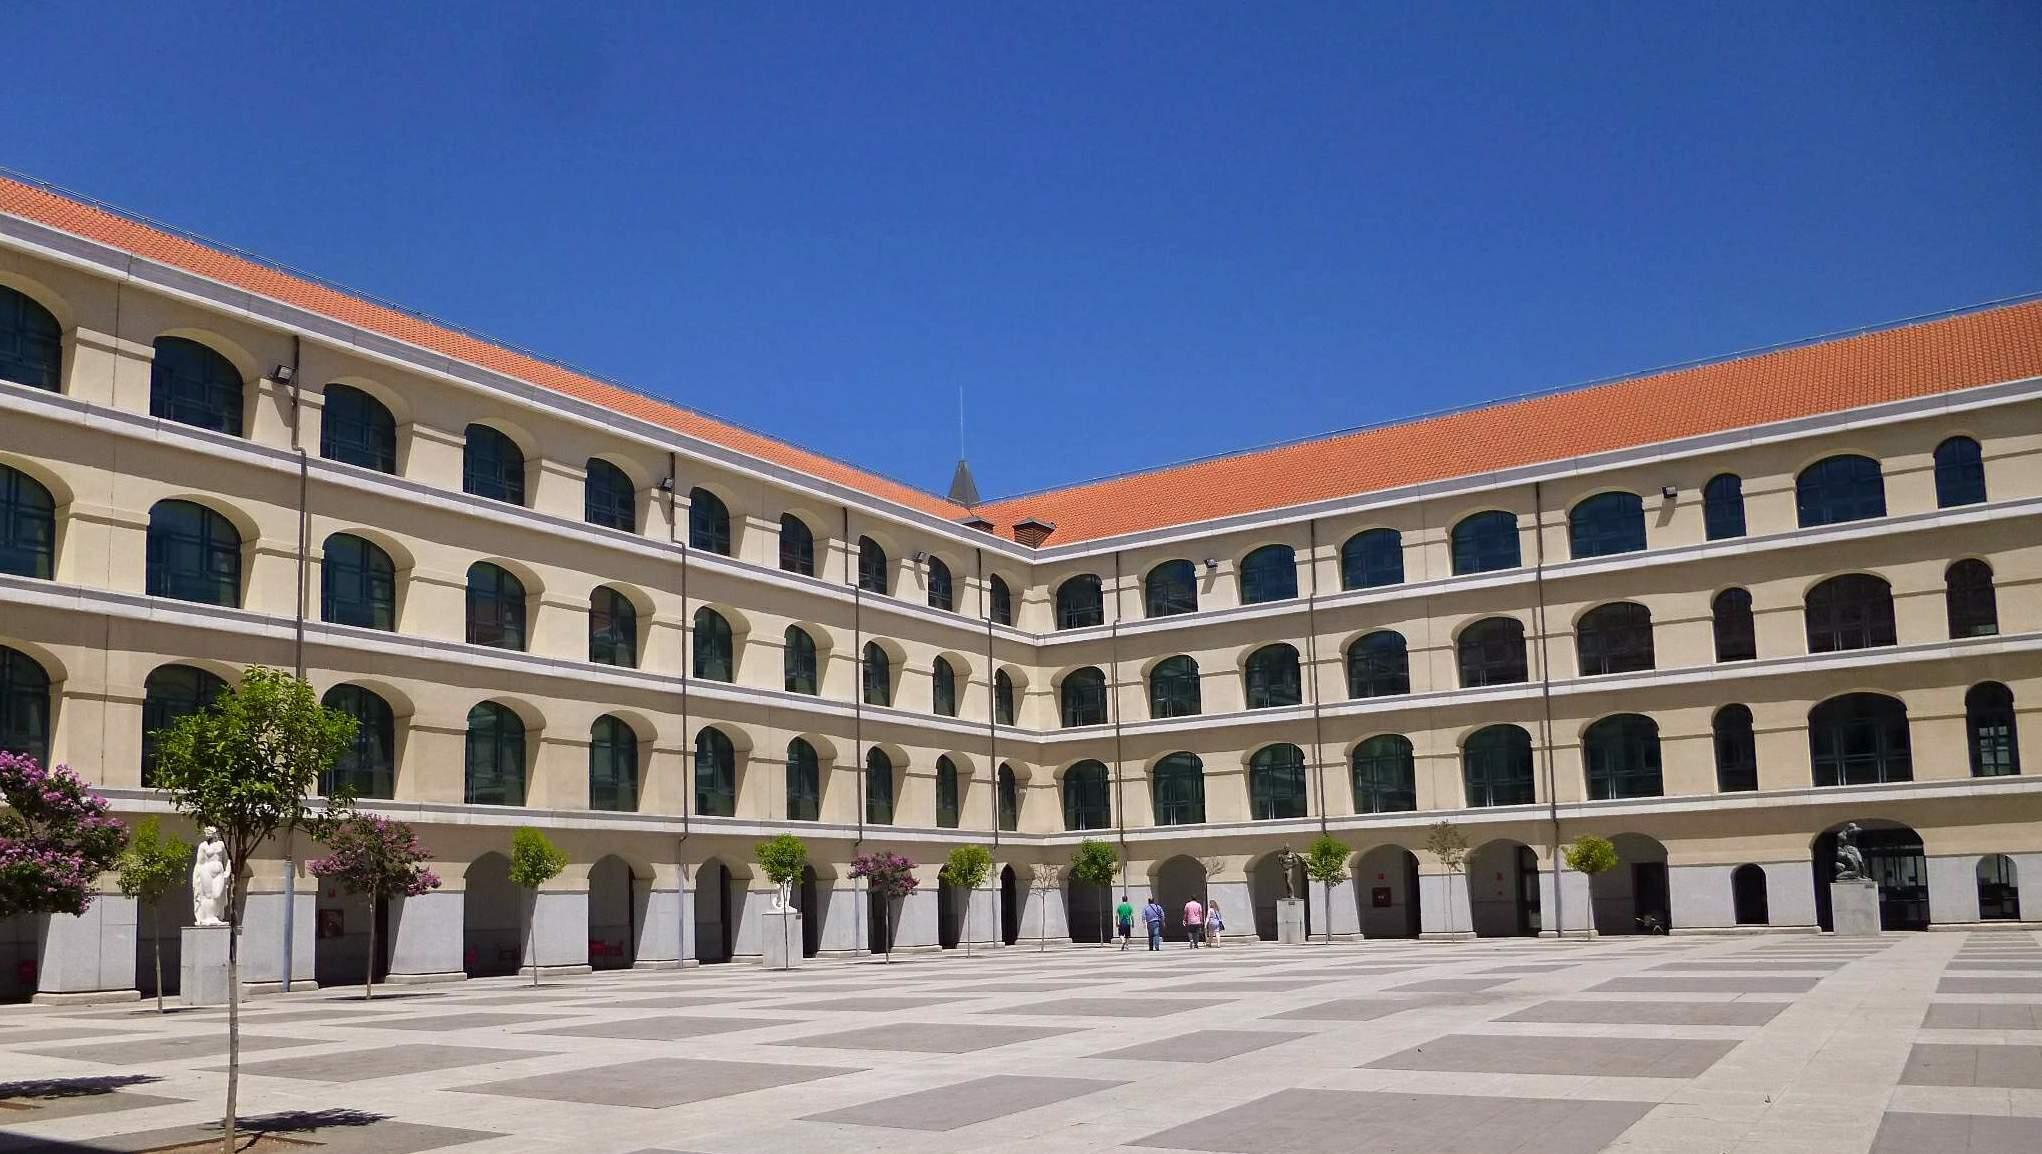 file legan s universidad carlos iii edificio sabatini On edificio natura leganes